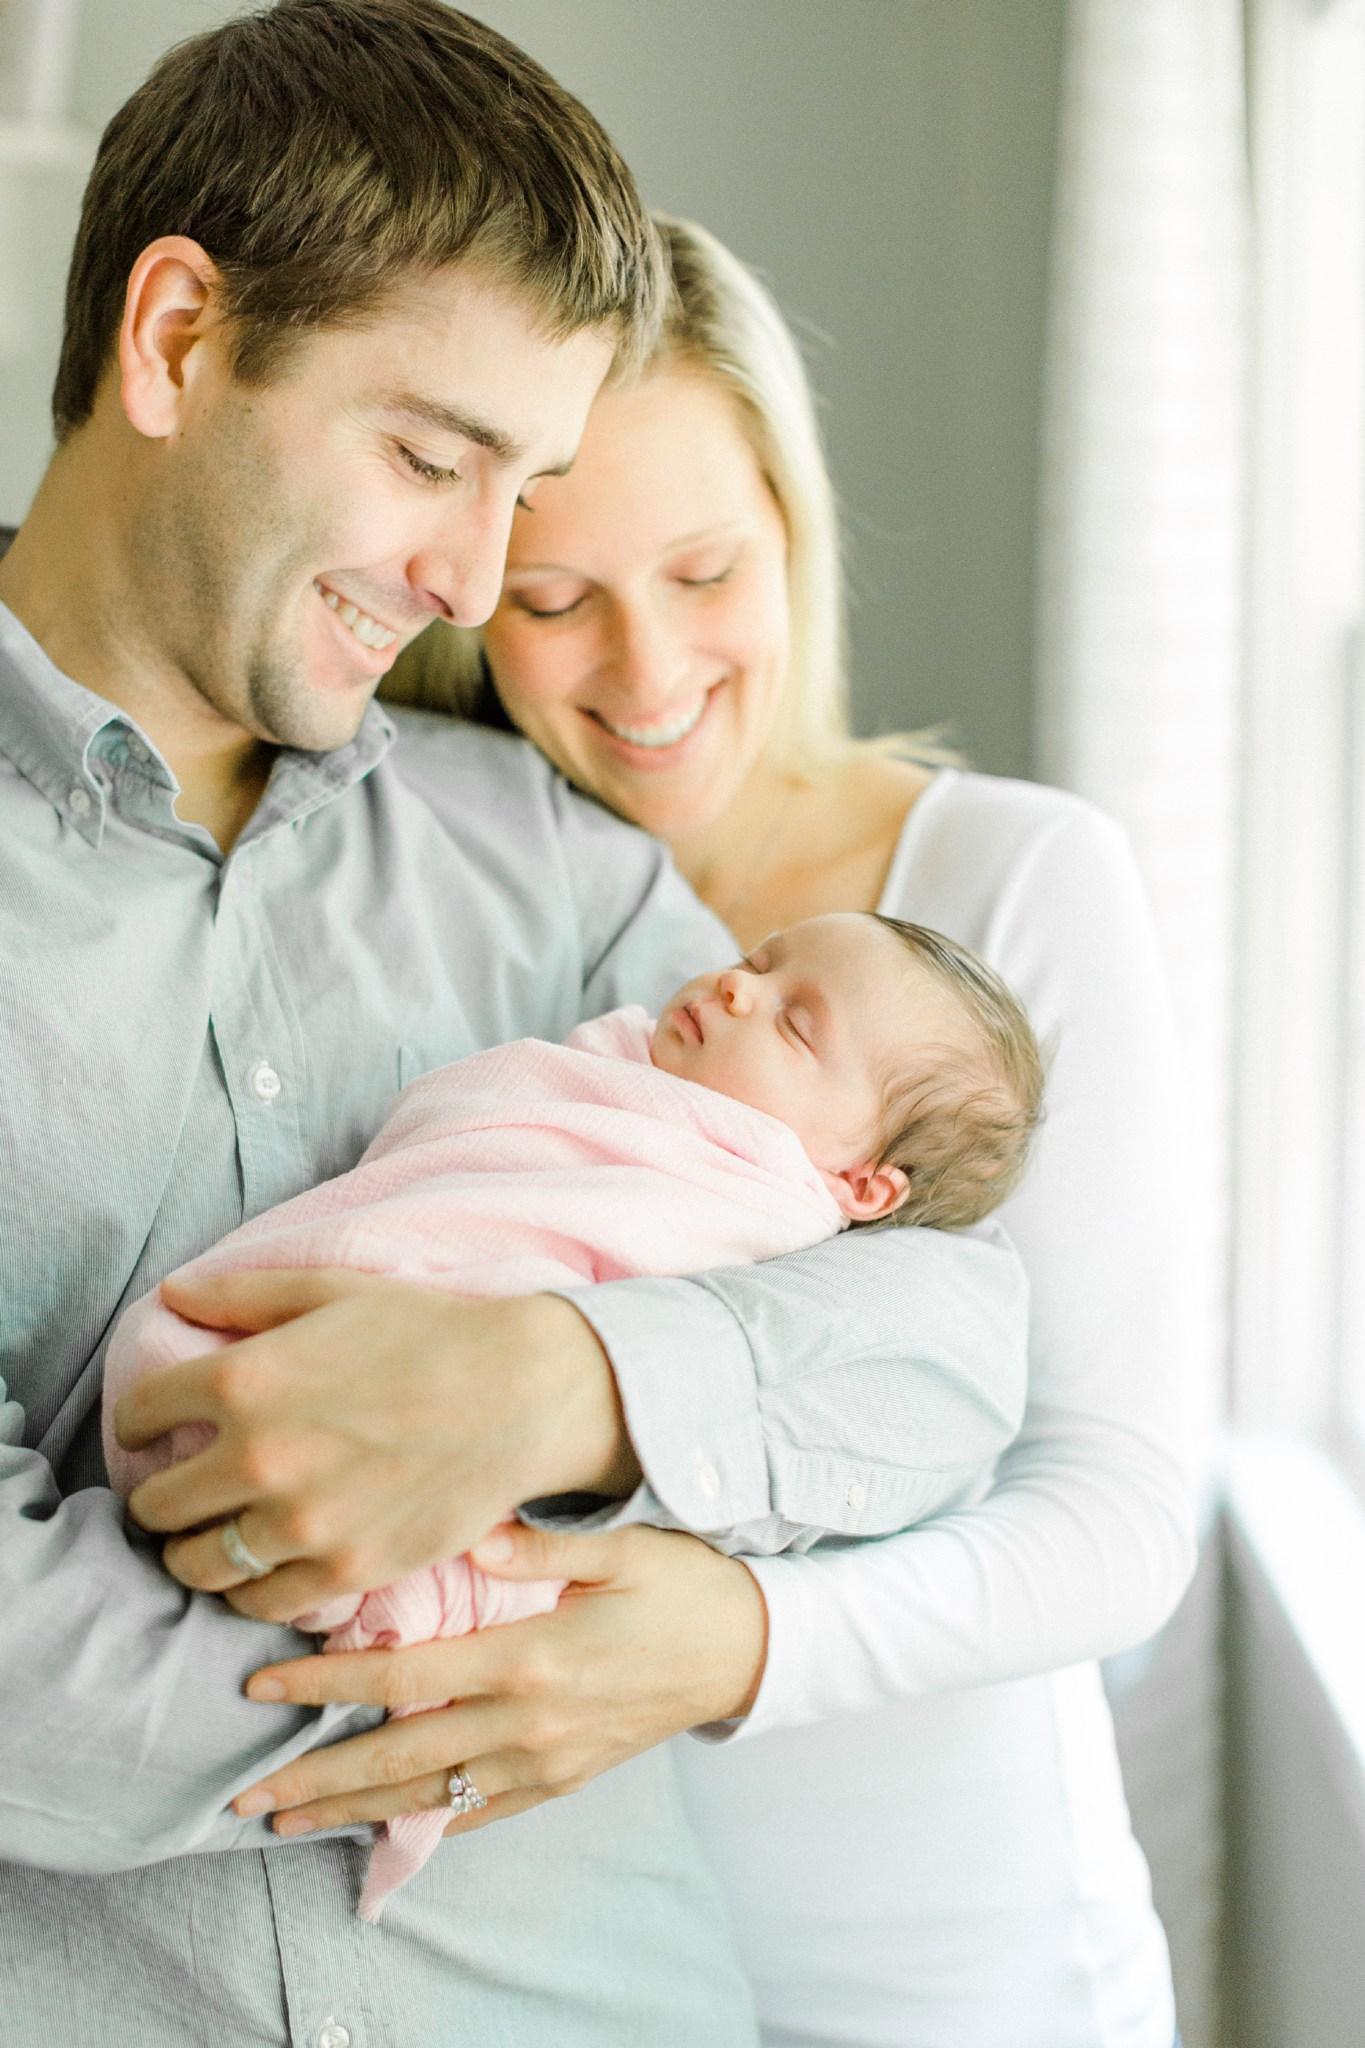 debroah_zoe_photography_family_portraits_boston_00021.JPG